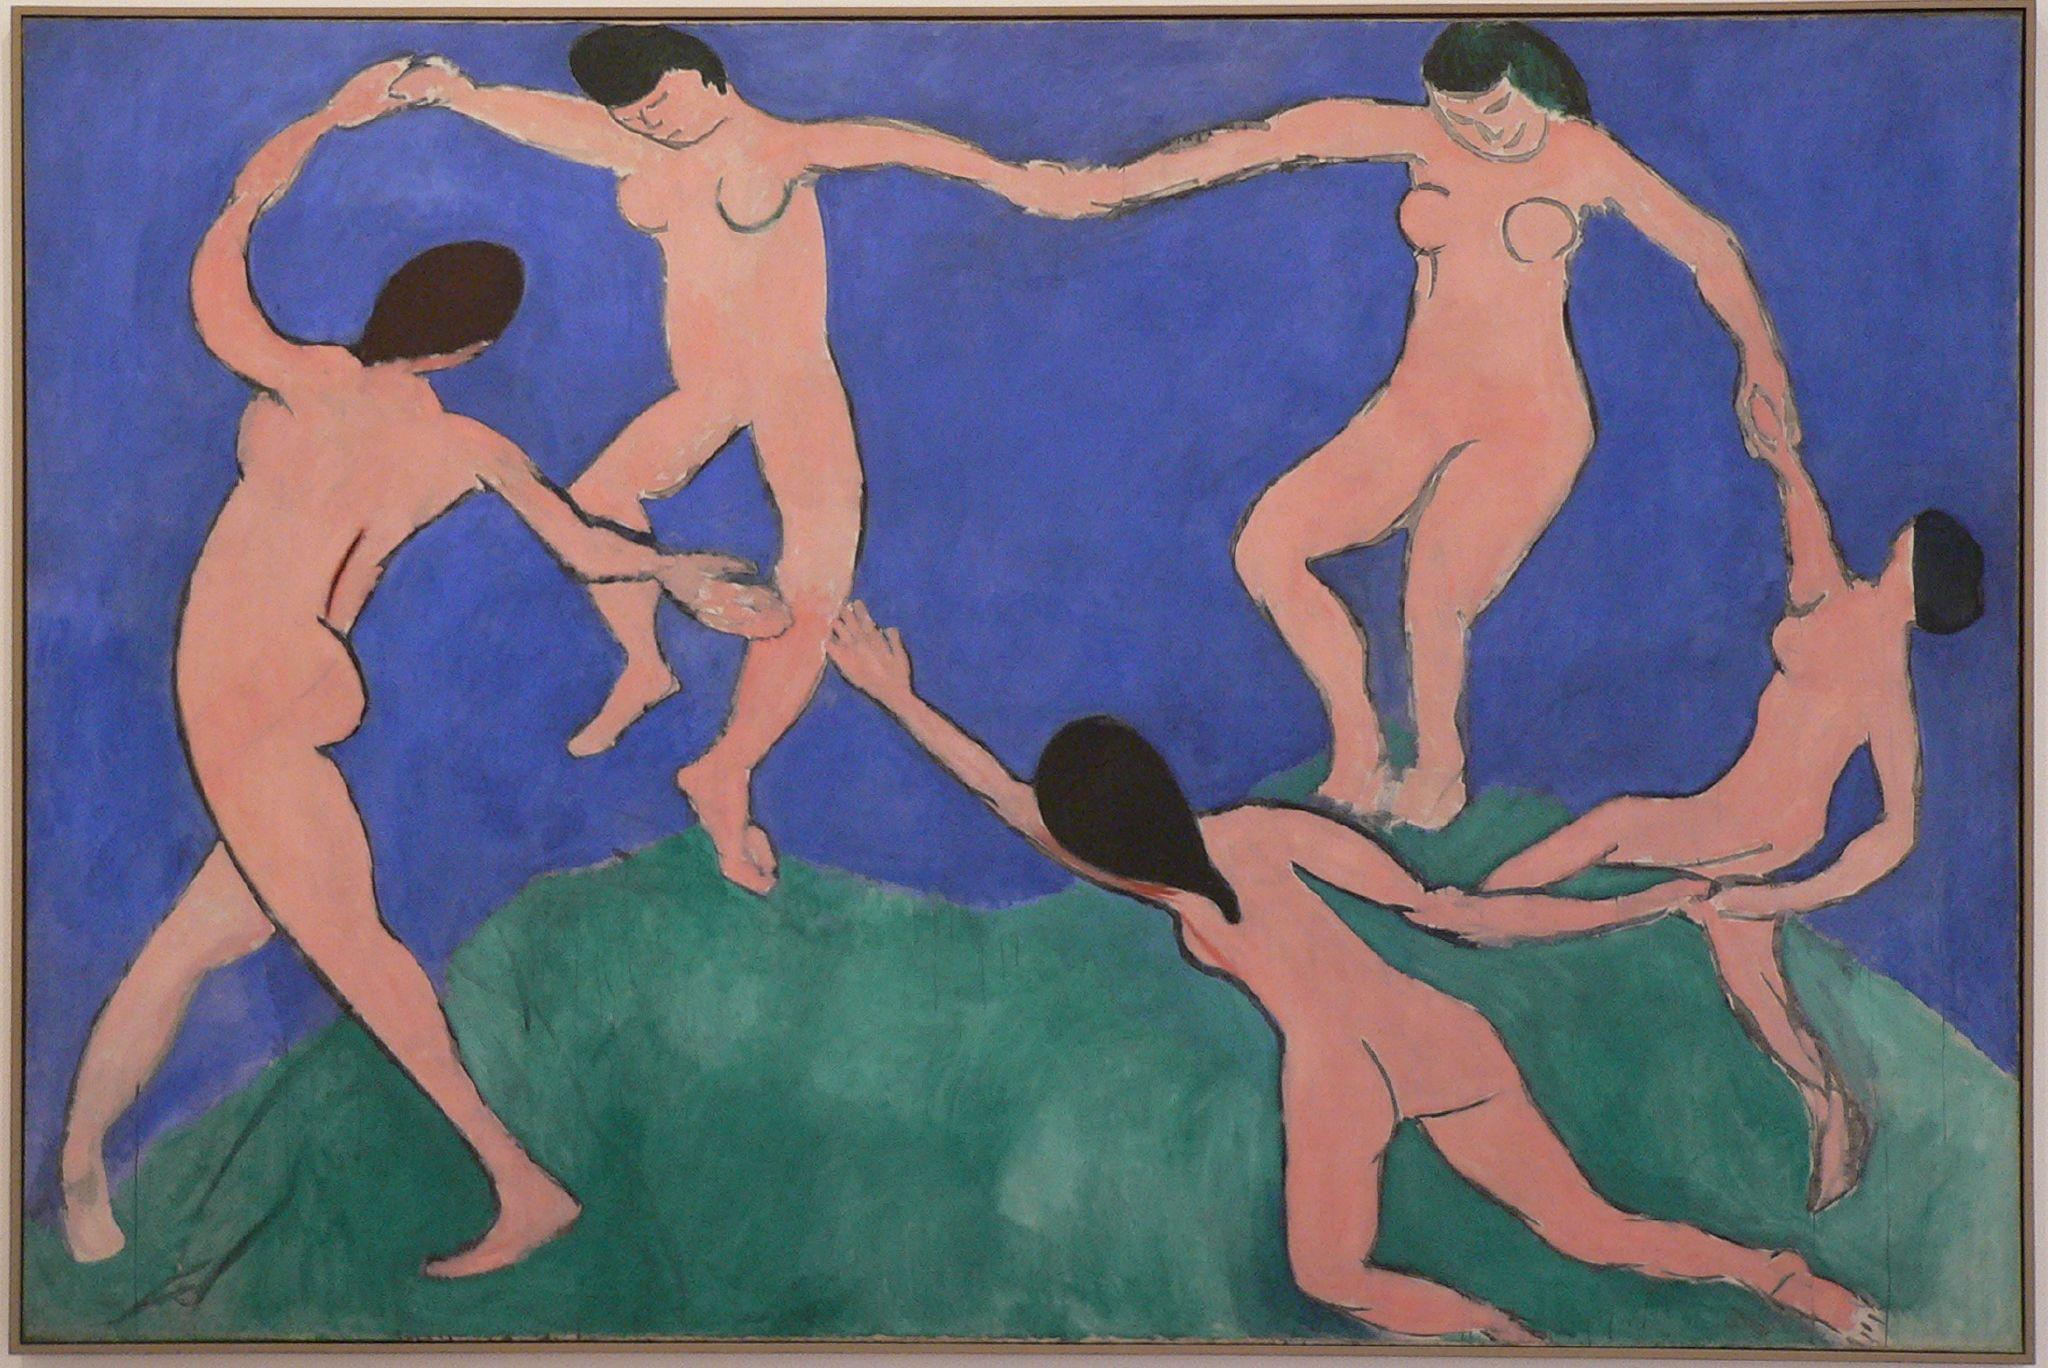 La Danse Matisse wiki